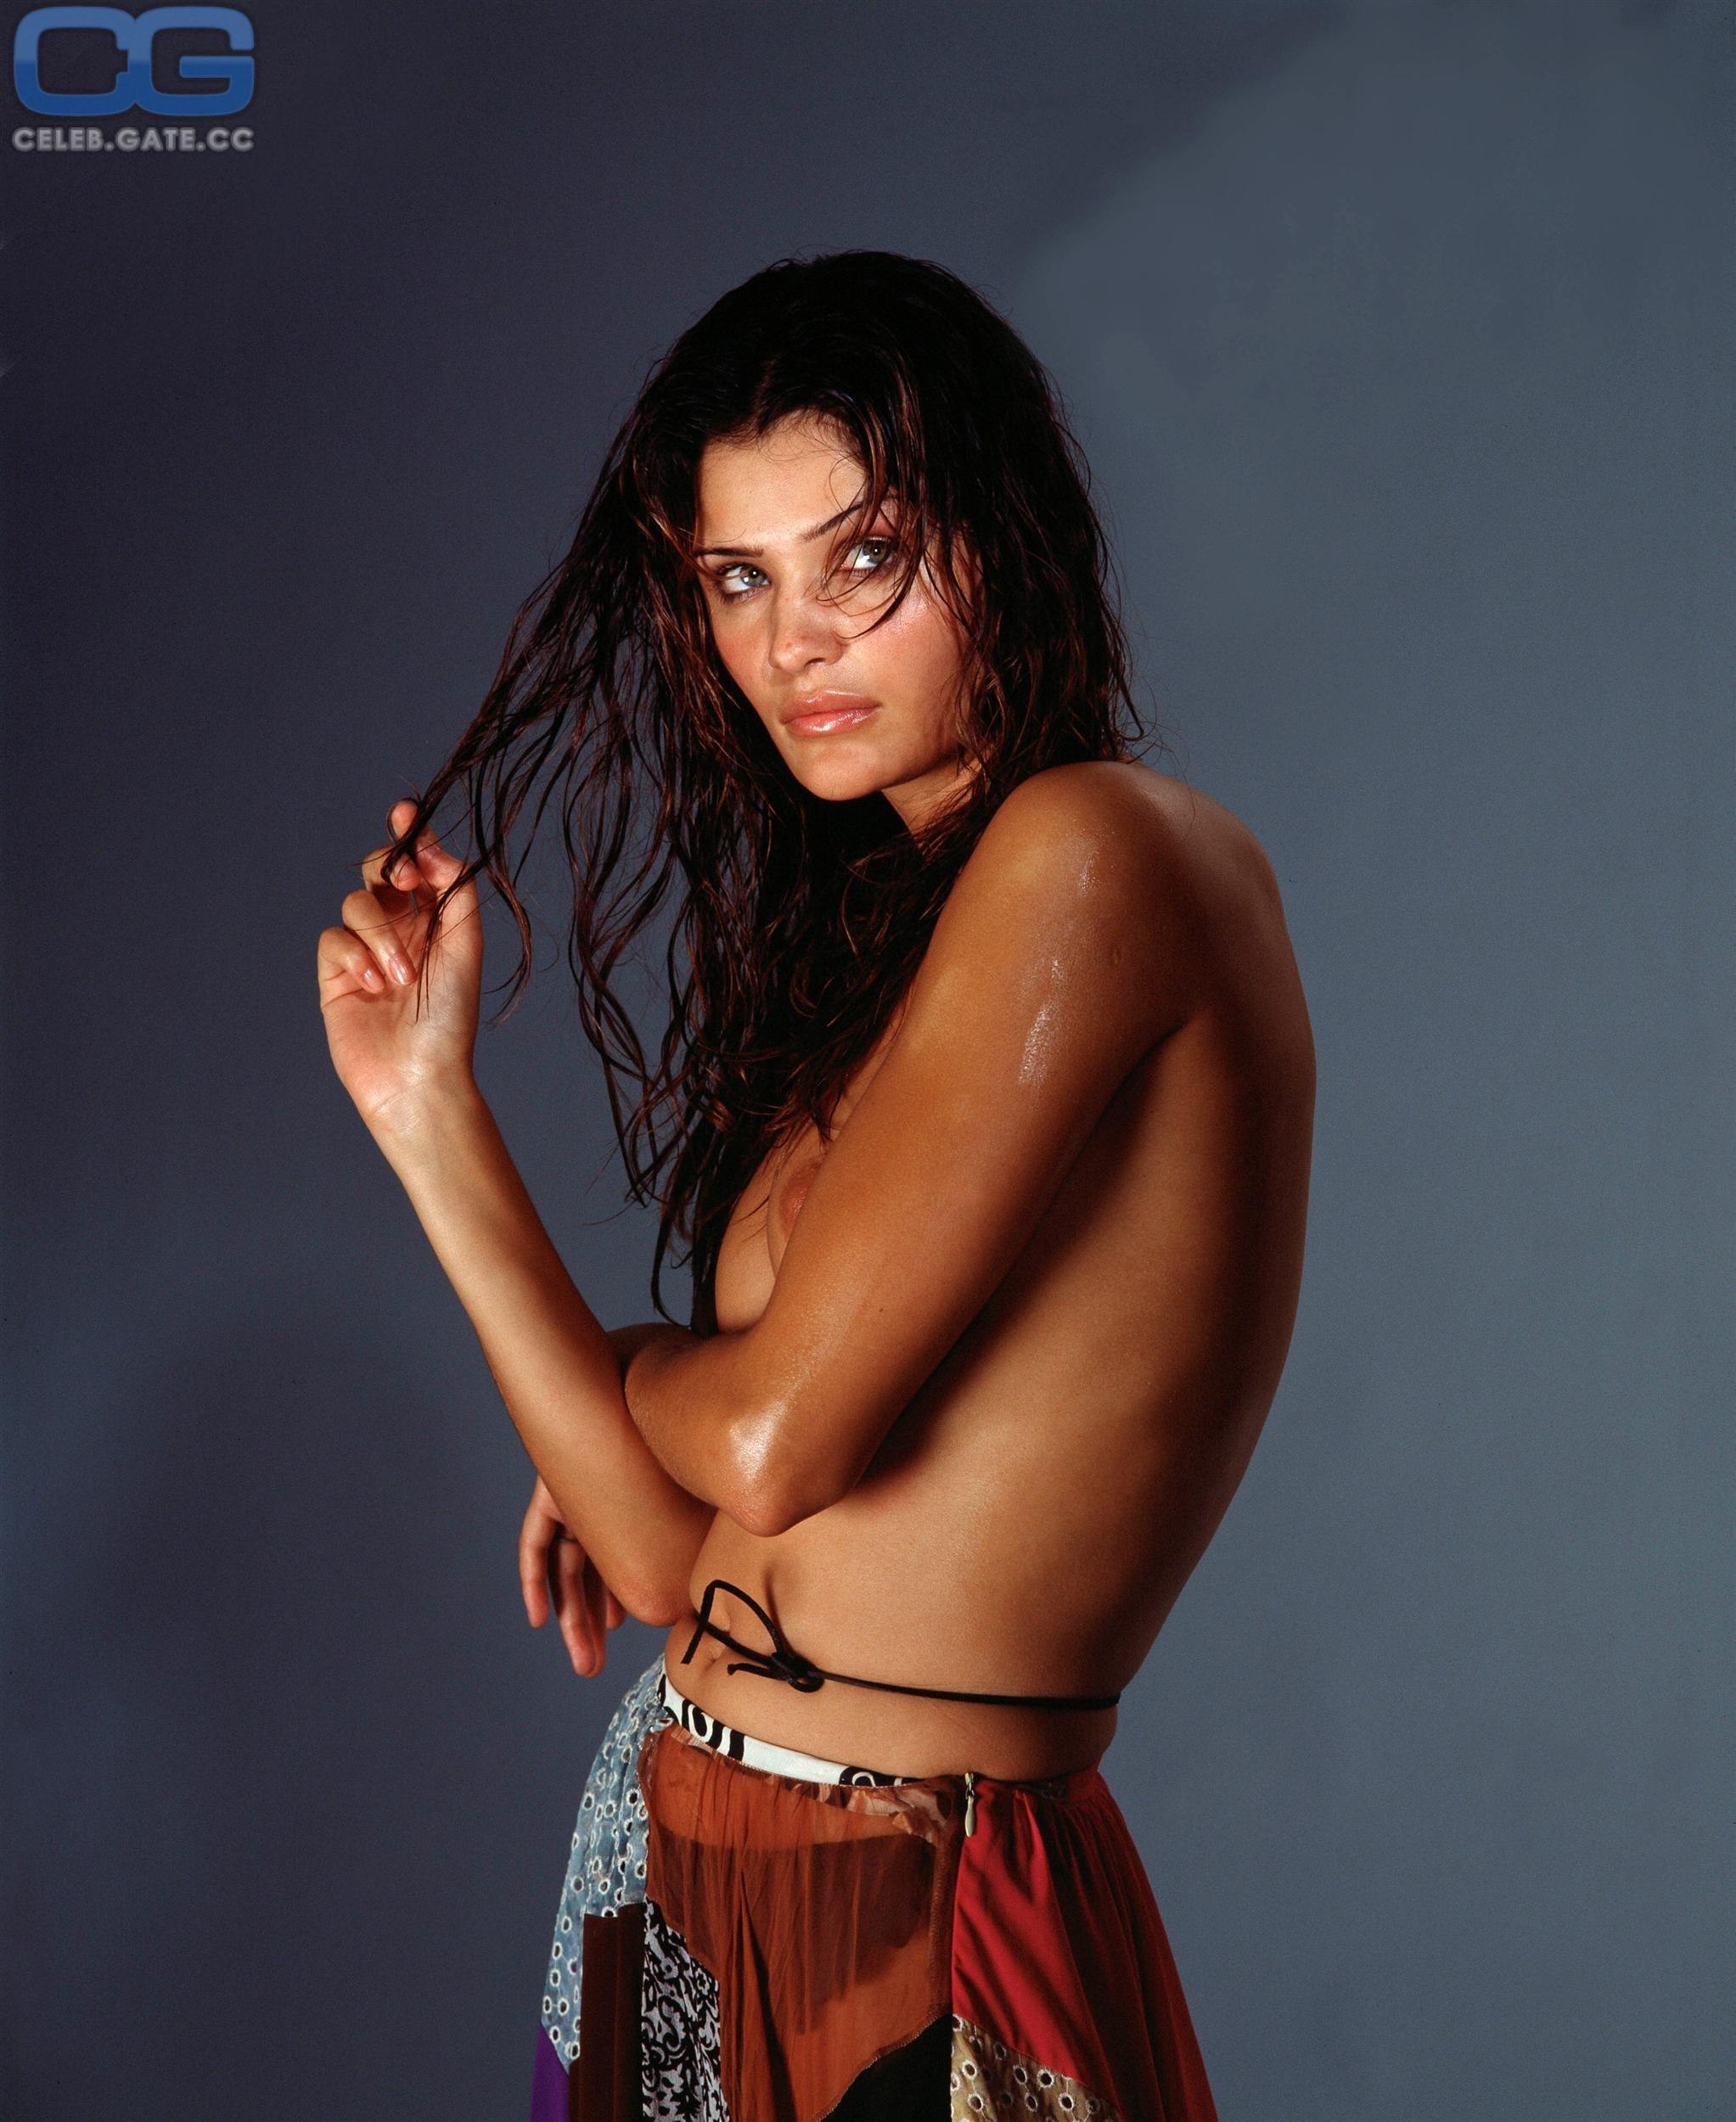 nackt Christensen Helena 41 Sexiest